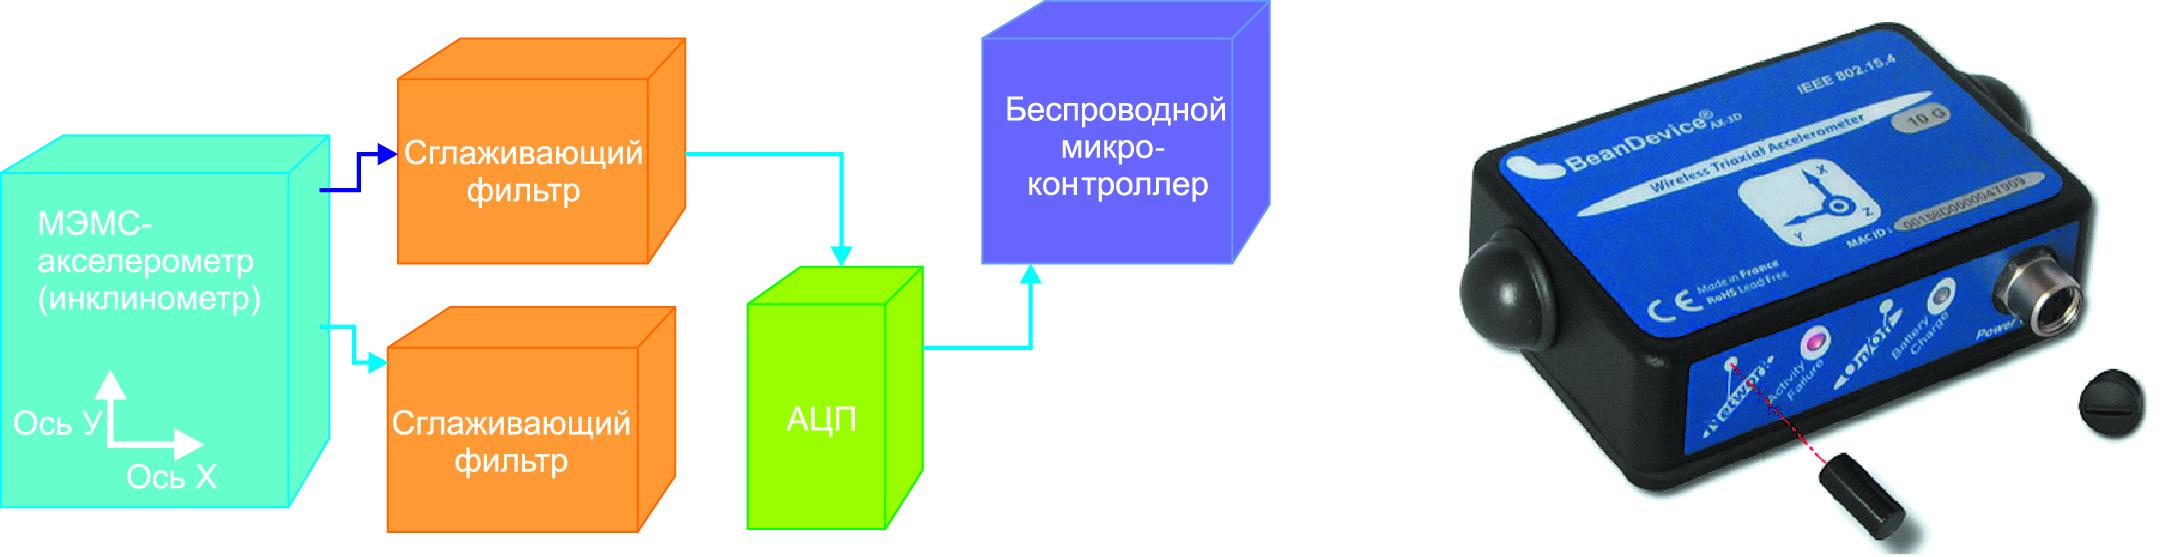 Конфигурация вычислительно-коммуникационного устройства c интегрированным МЭМС-сенсором